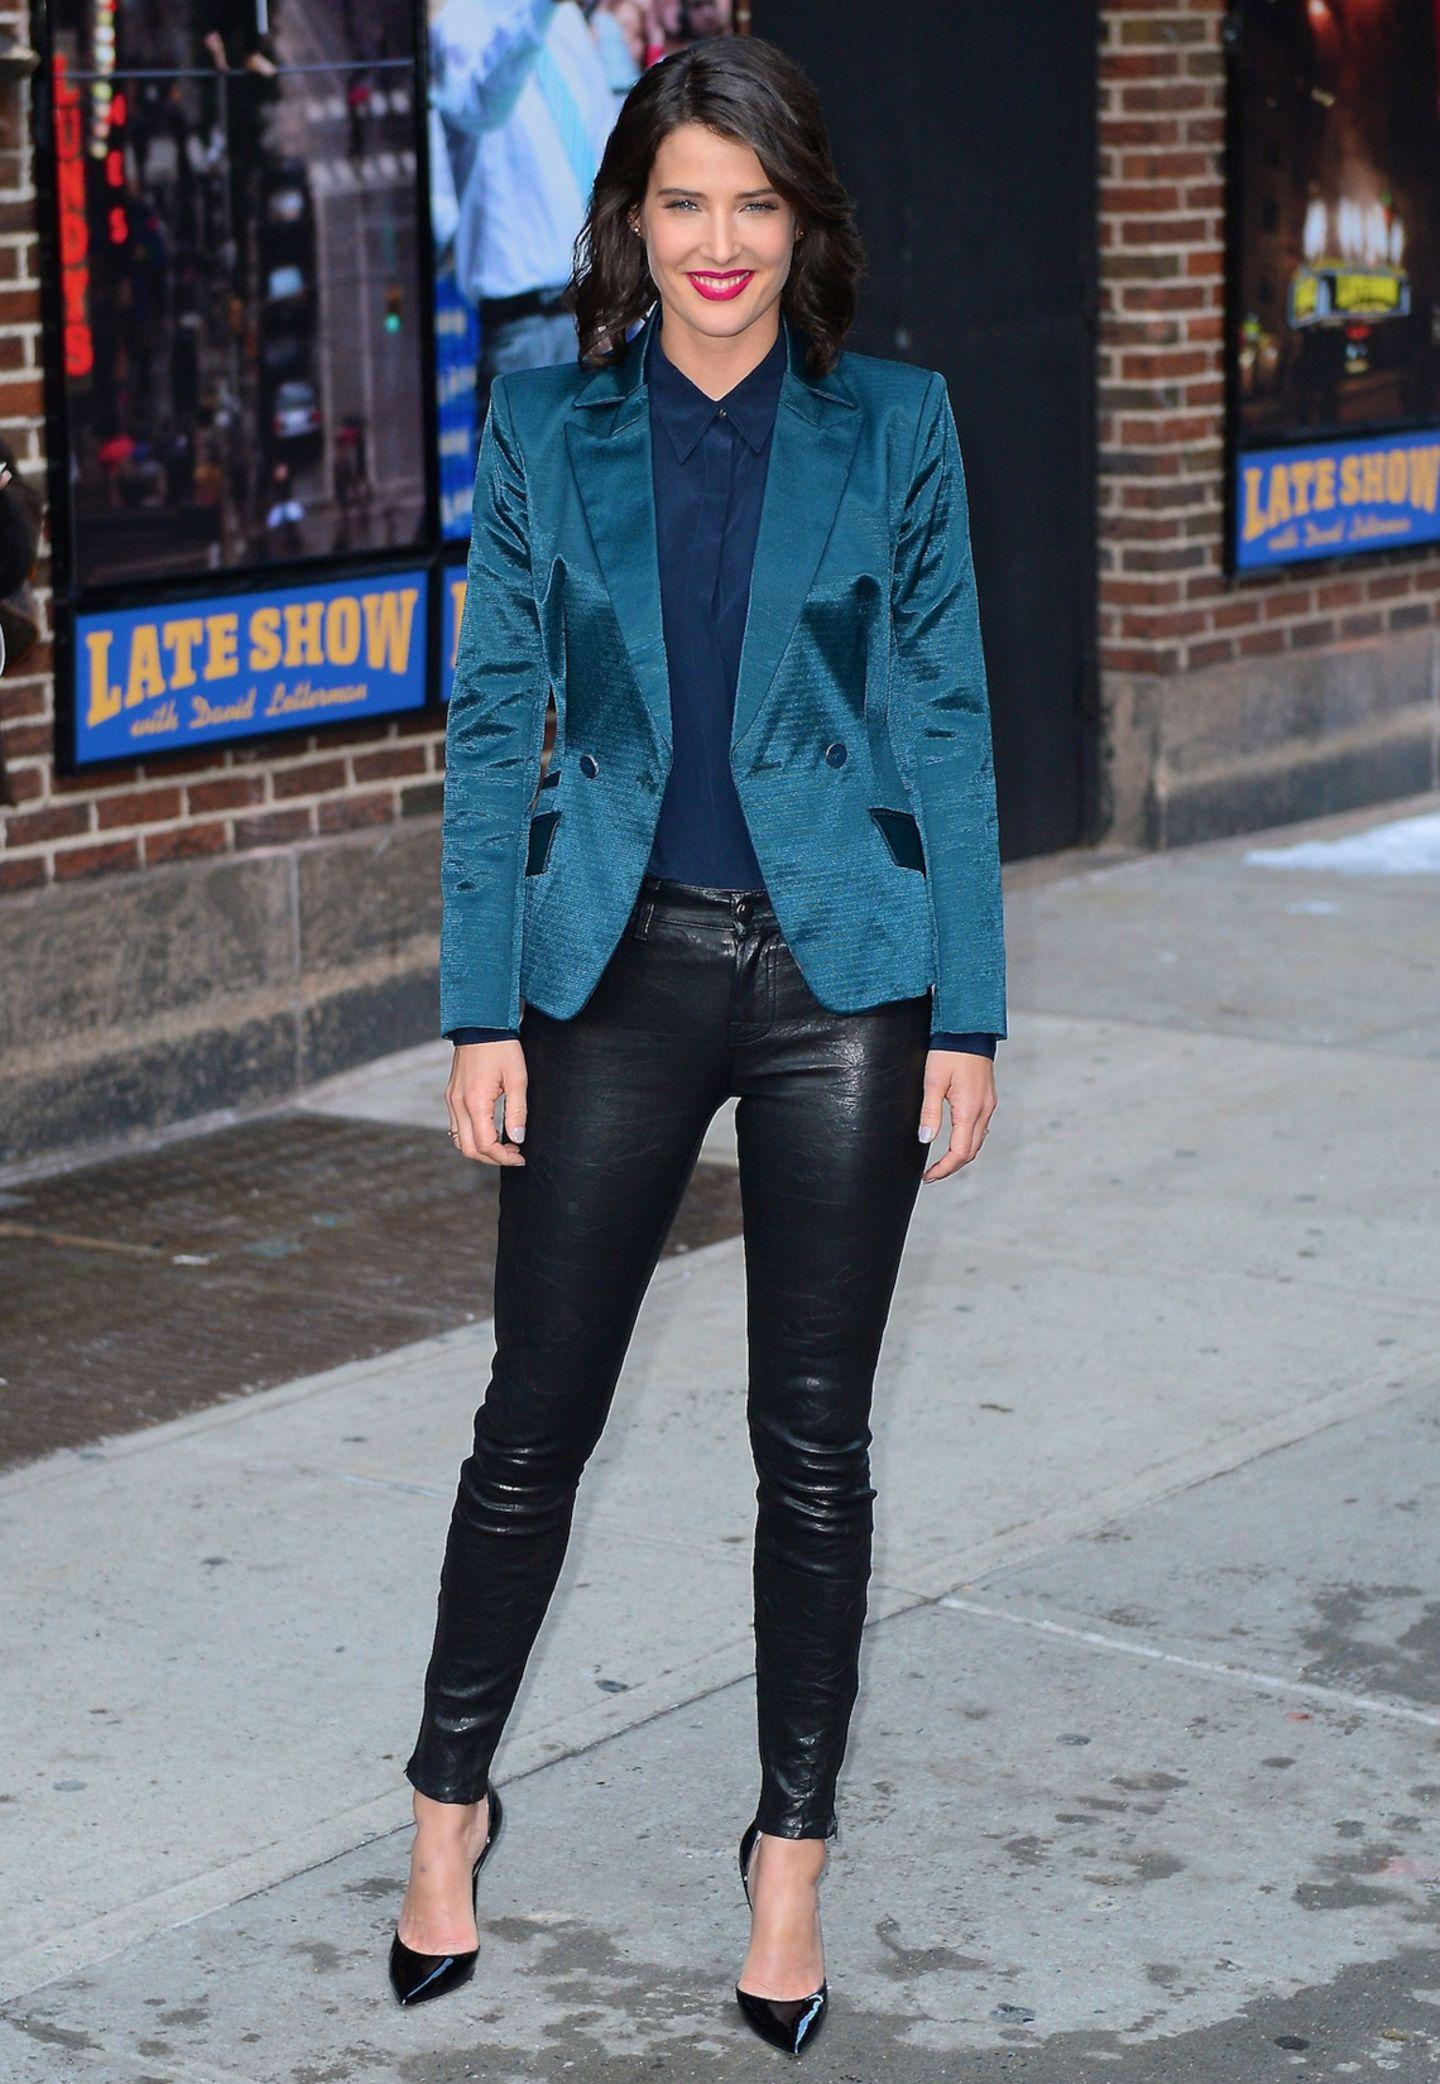 Cobie Smulders zeigt, dass Leder und Satin sich wunderbar kombinieren lassen.